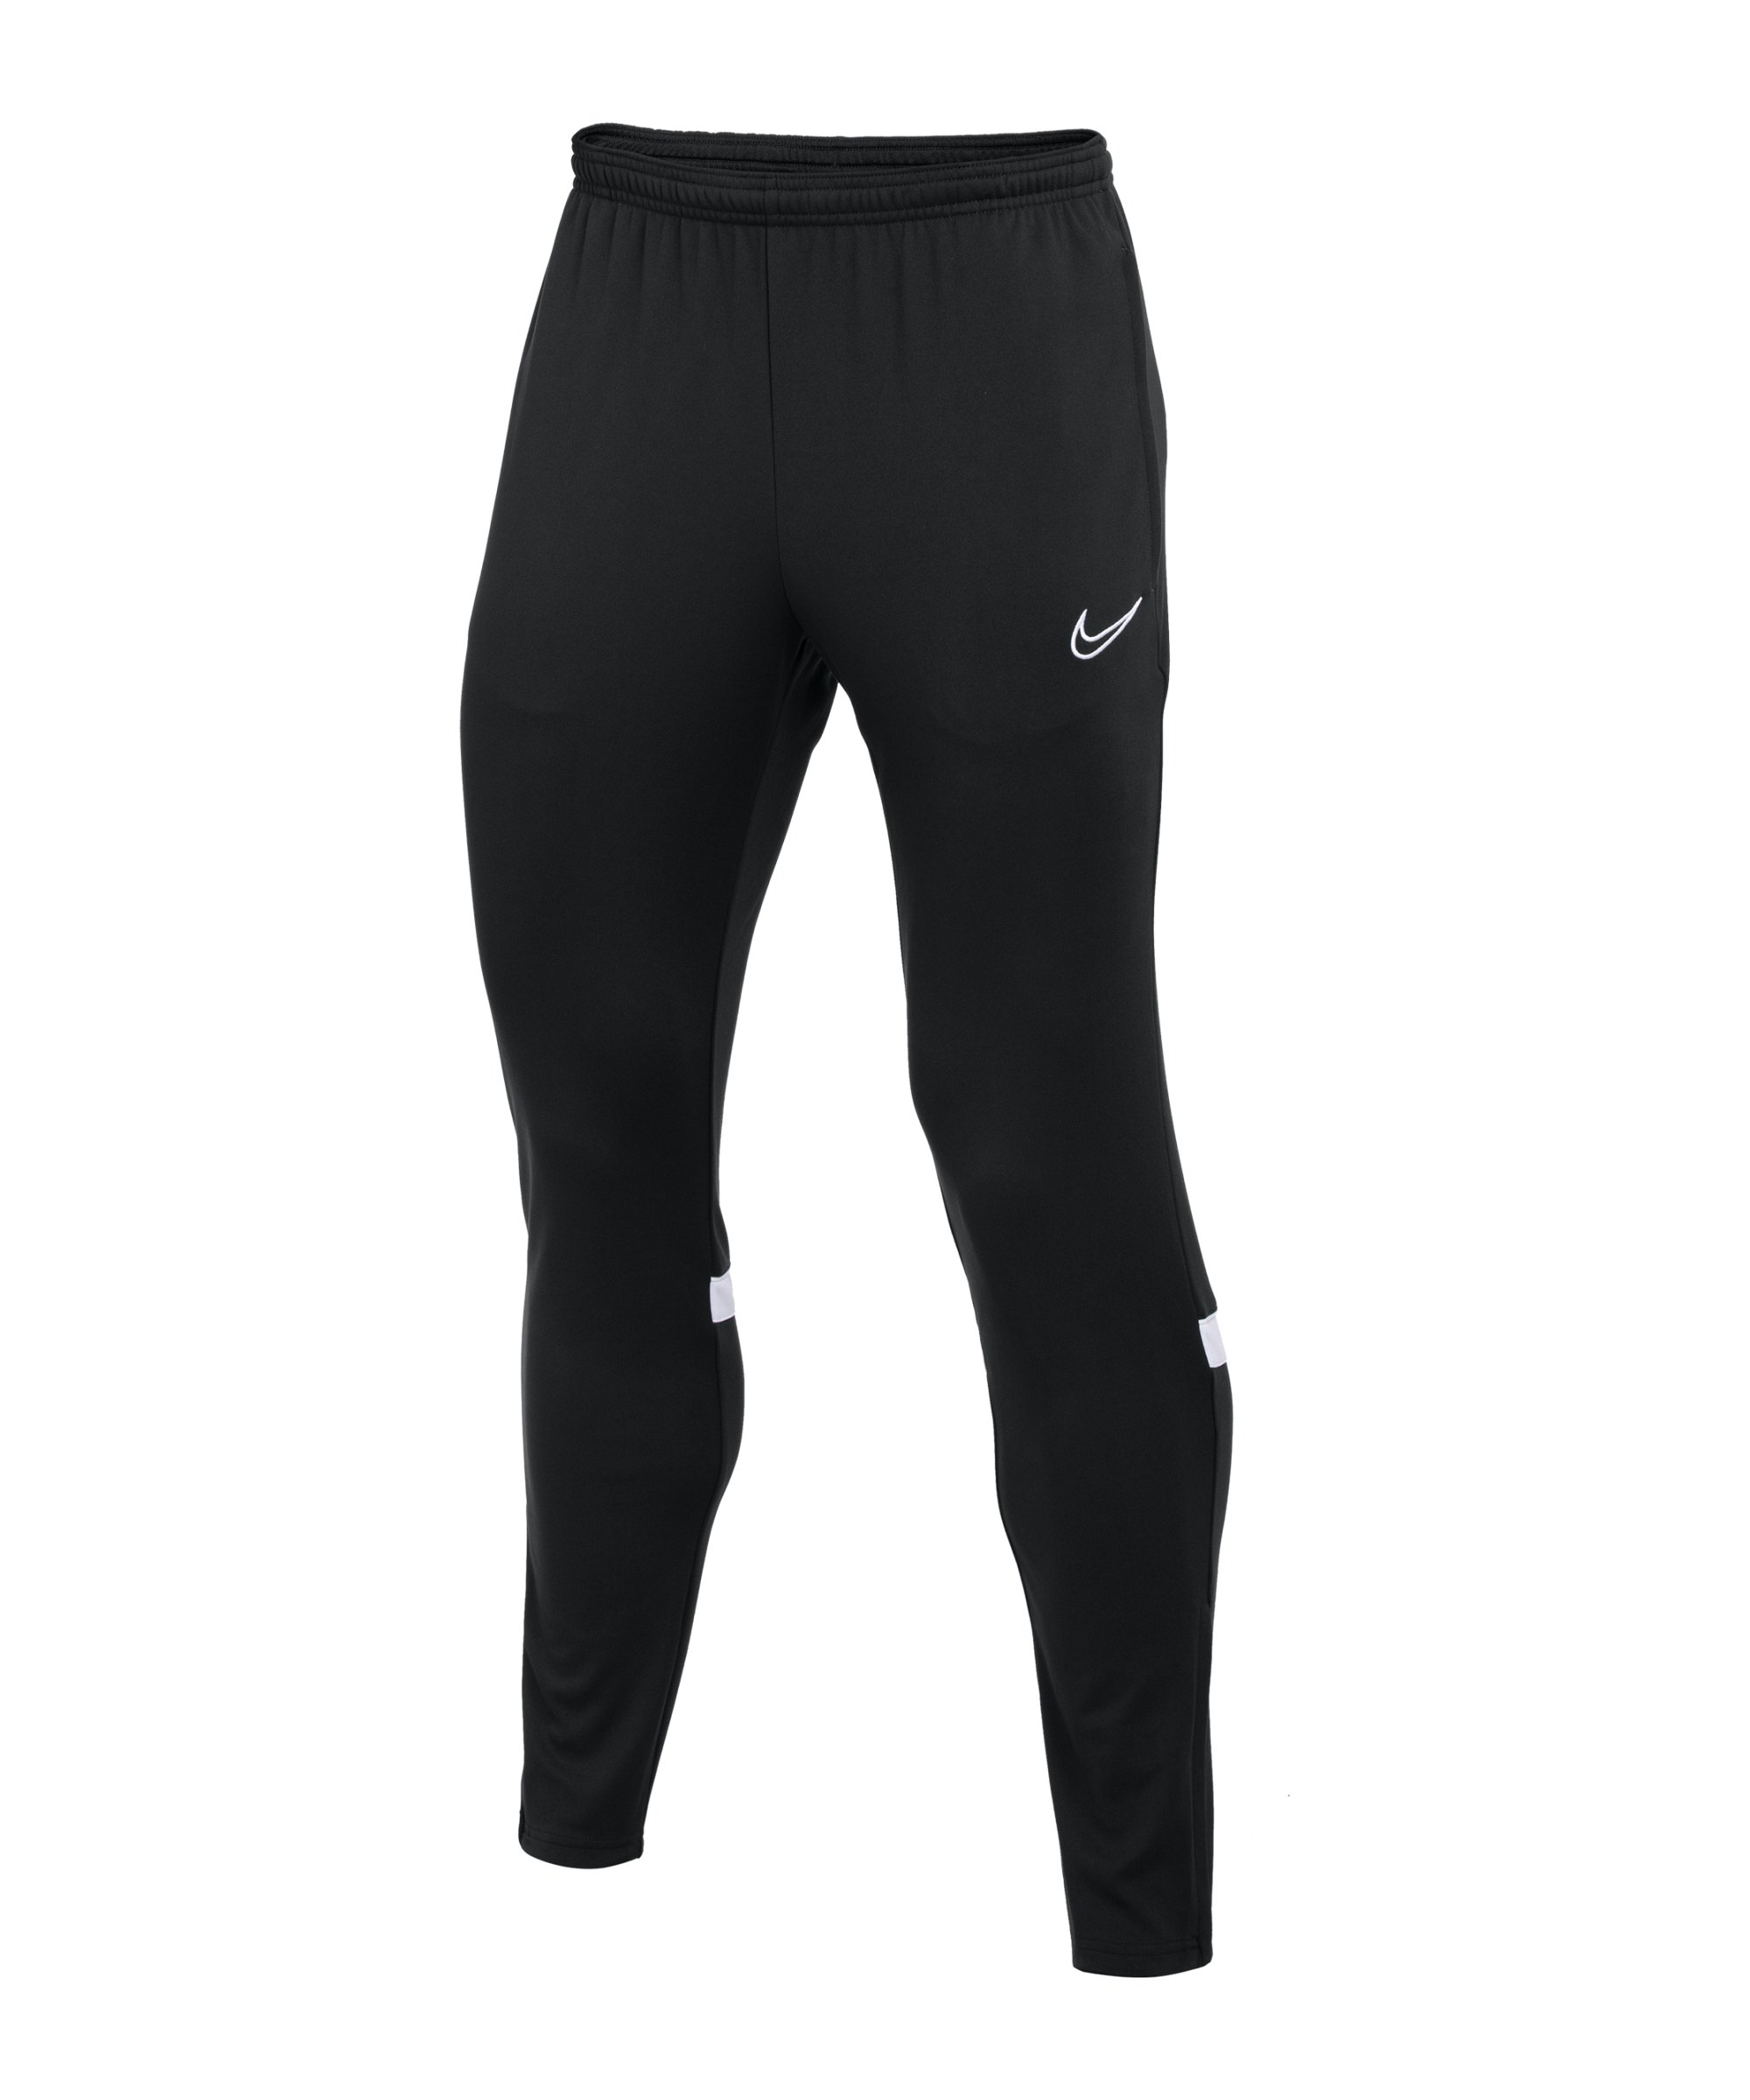 Nike Academy 21 Trainingshose Schwarz Weiss F010 - schwarz